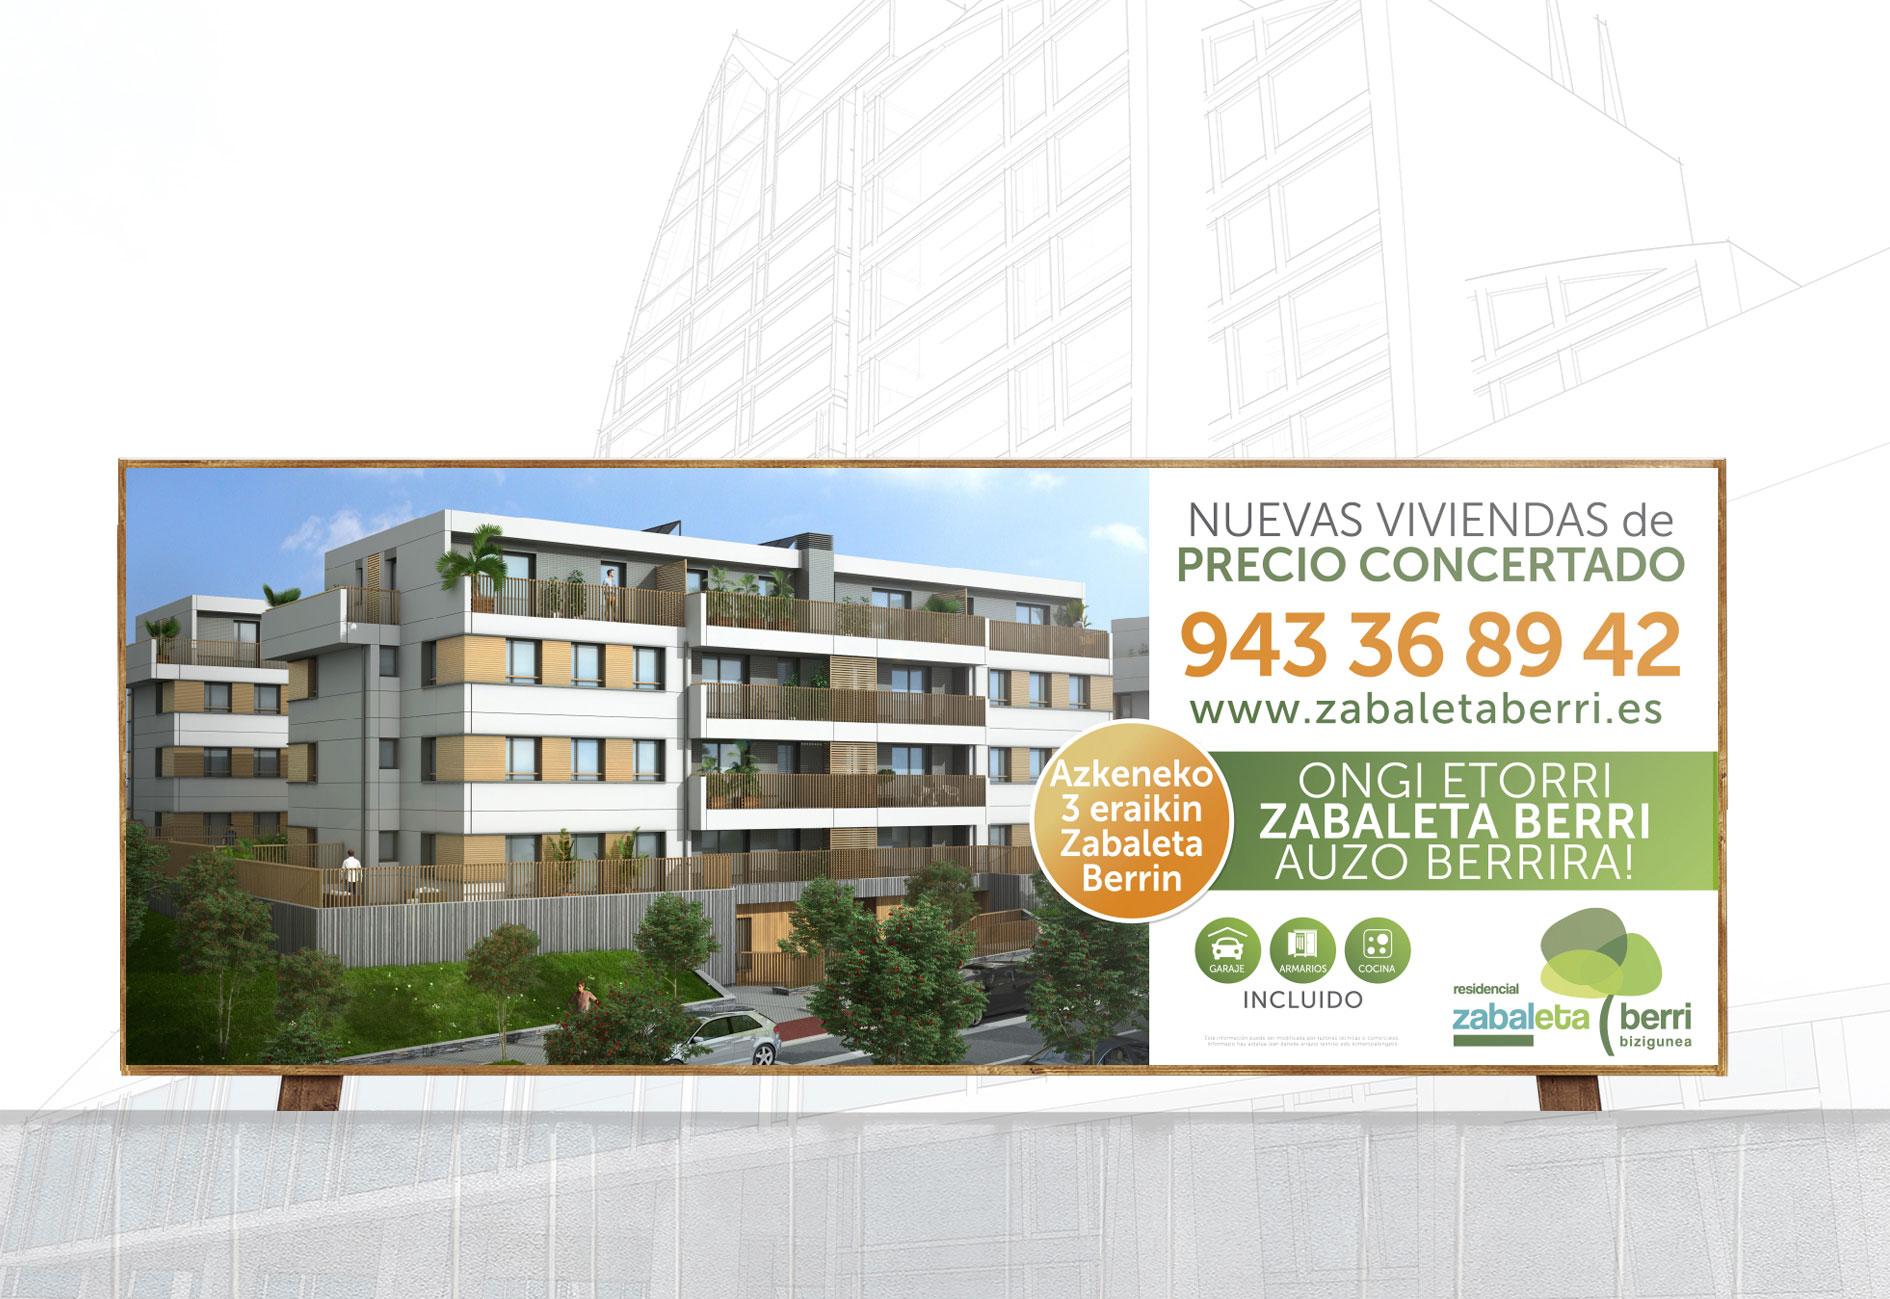 Valla de obra promoción Zabaletaberri